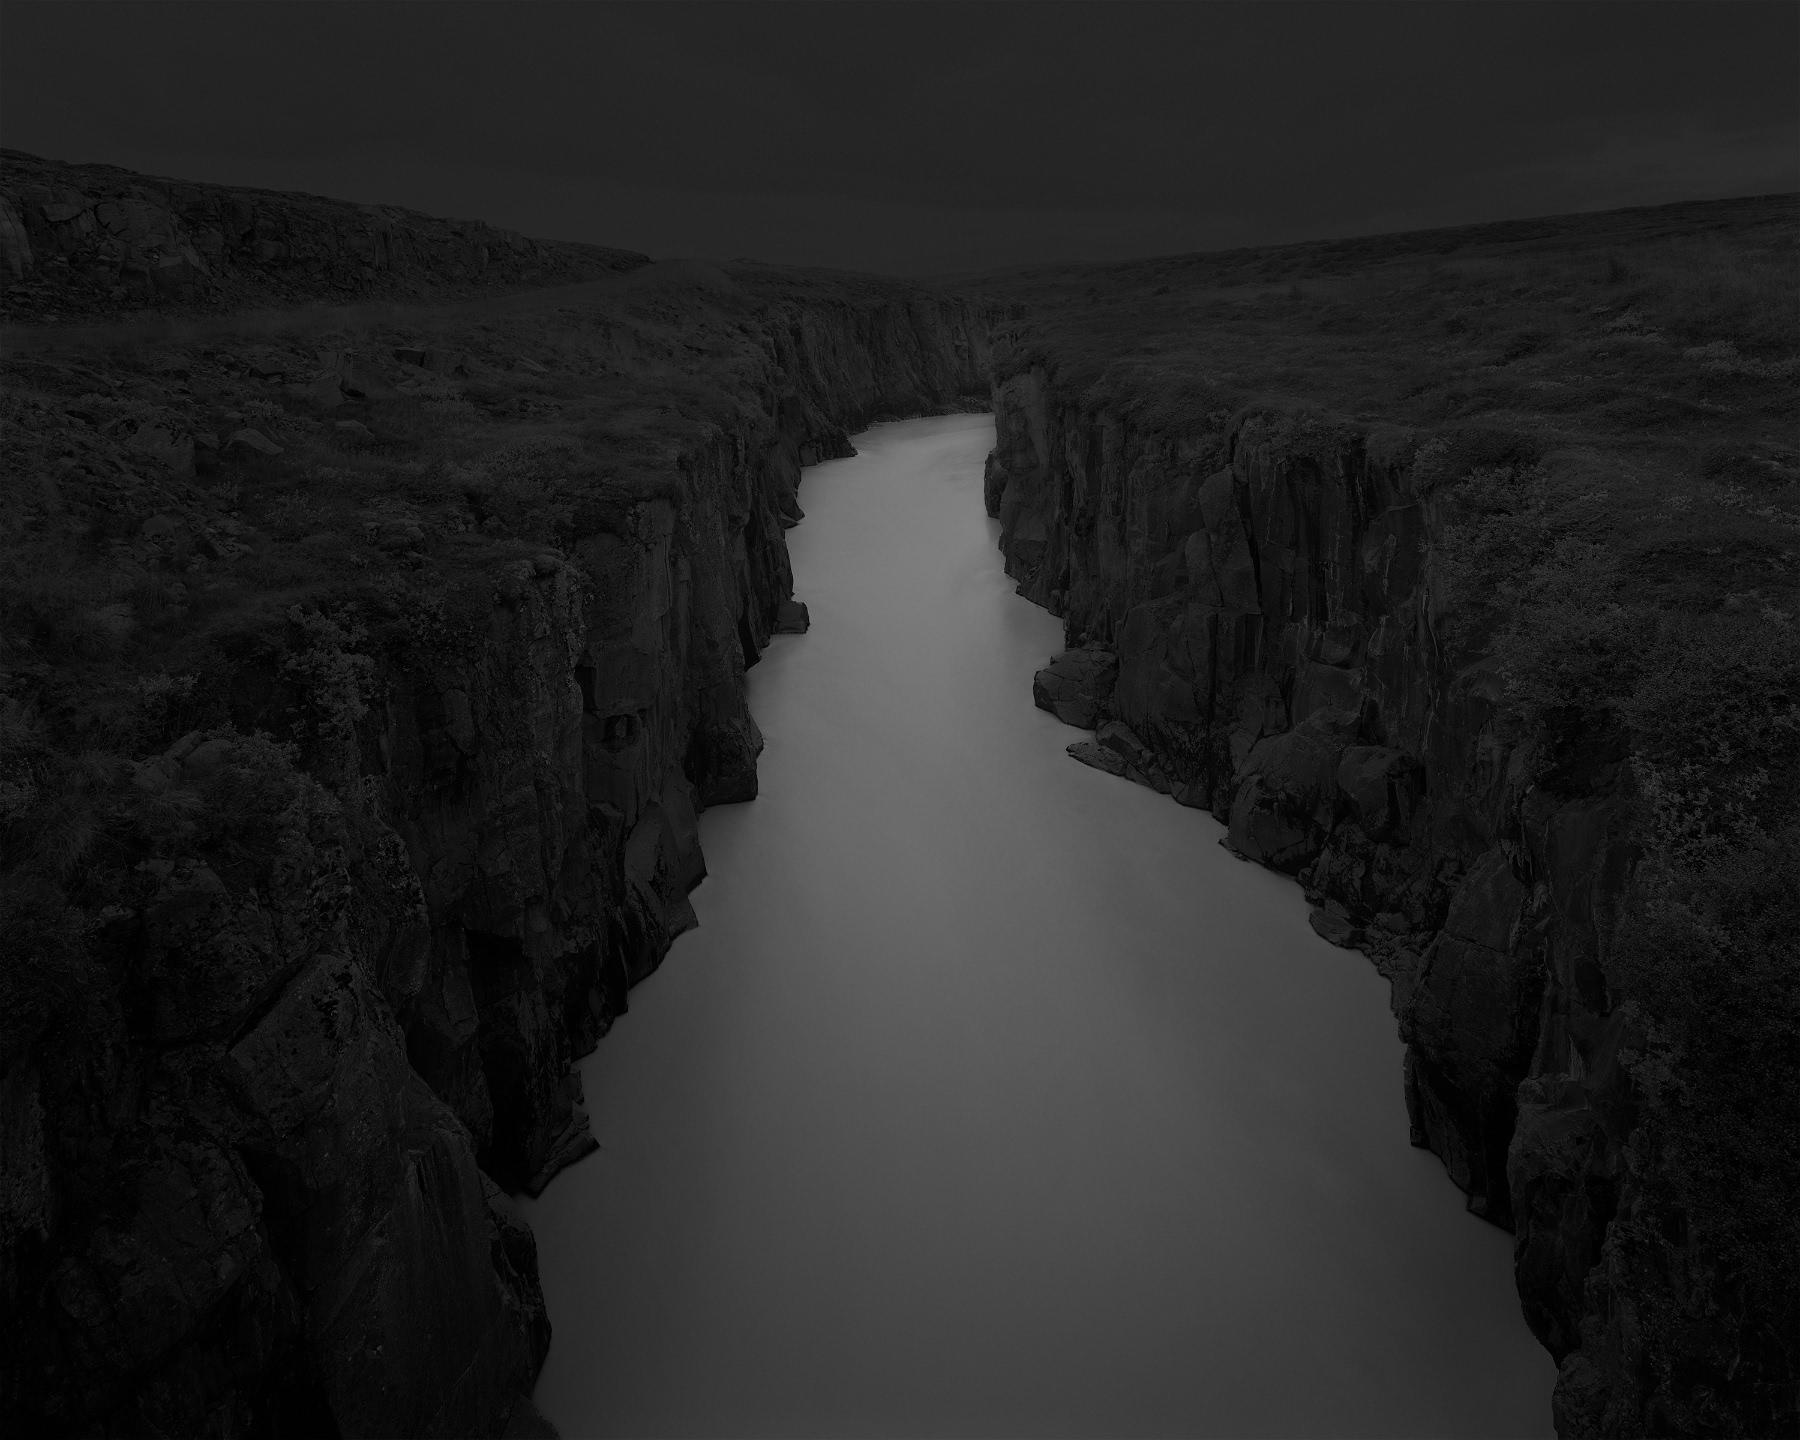 River XIV, 2014 © Adam Katseff